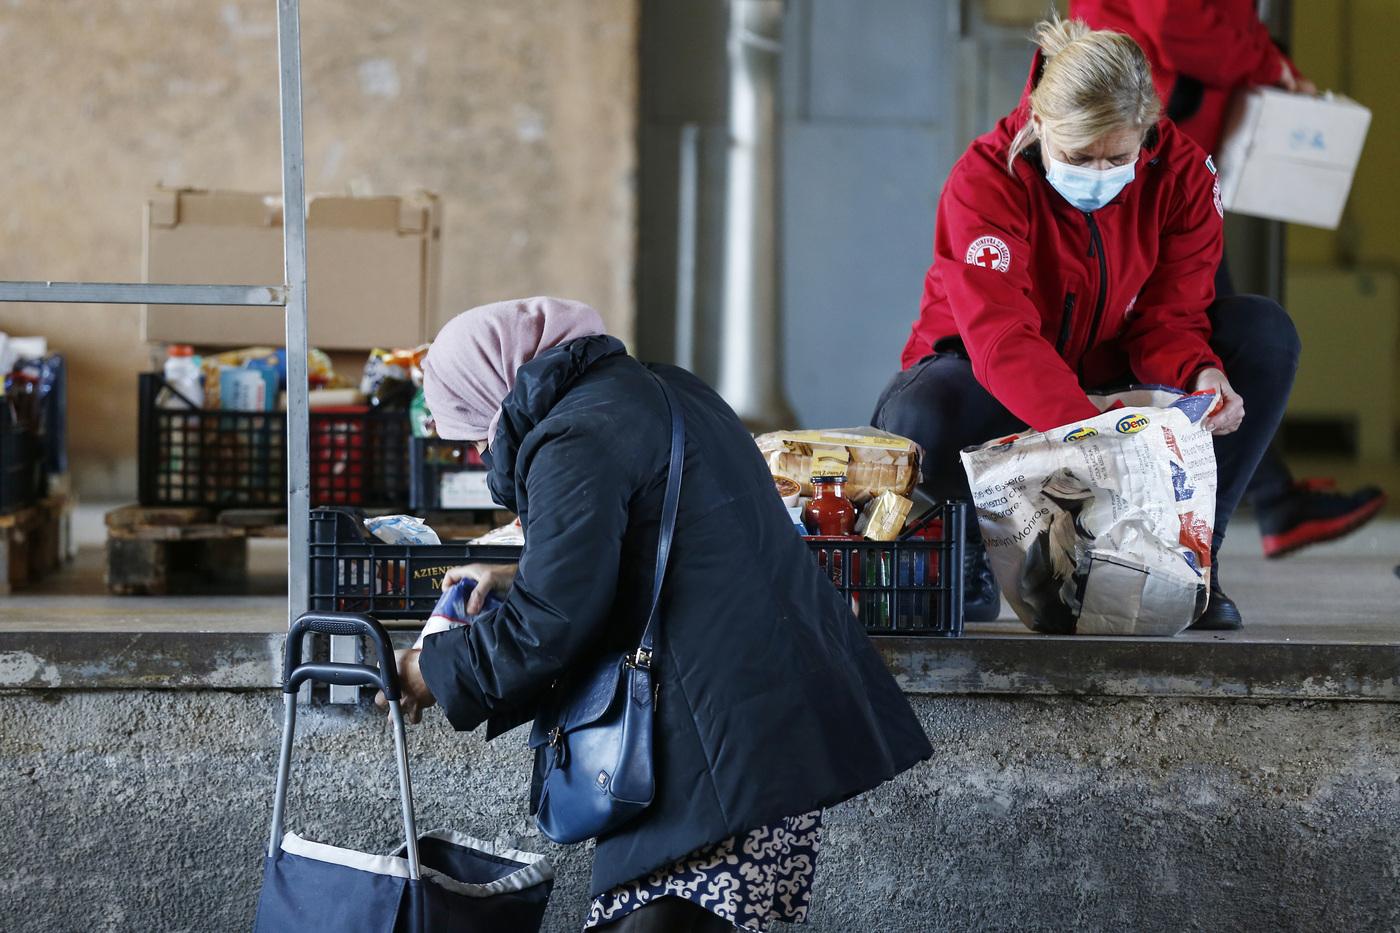 Sindaco leghista agli arresti, negava aiuti alimentari Covid agli stranieri e agli anziani per darli ai più ricchi